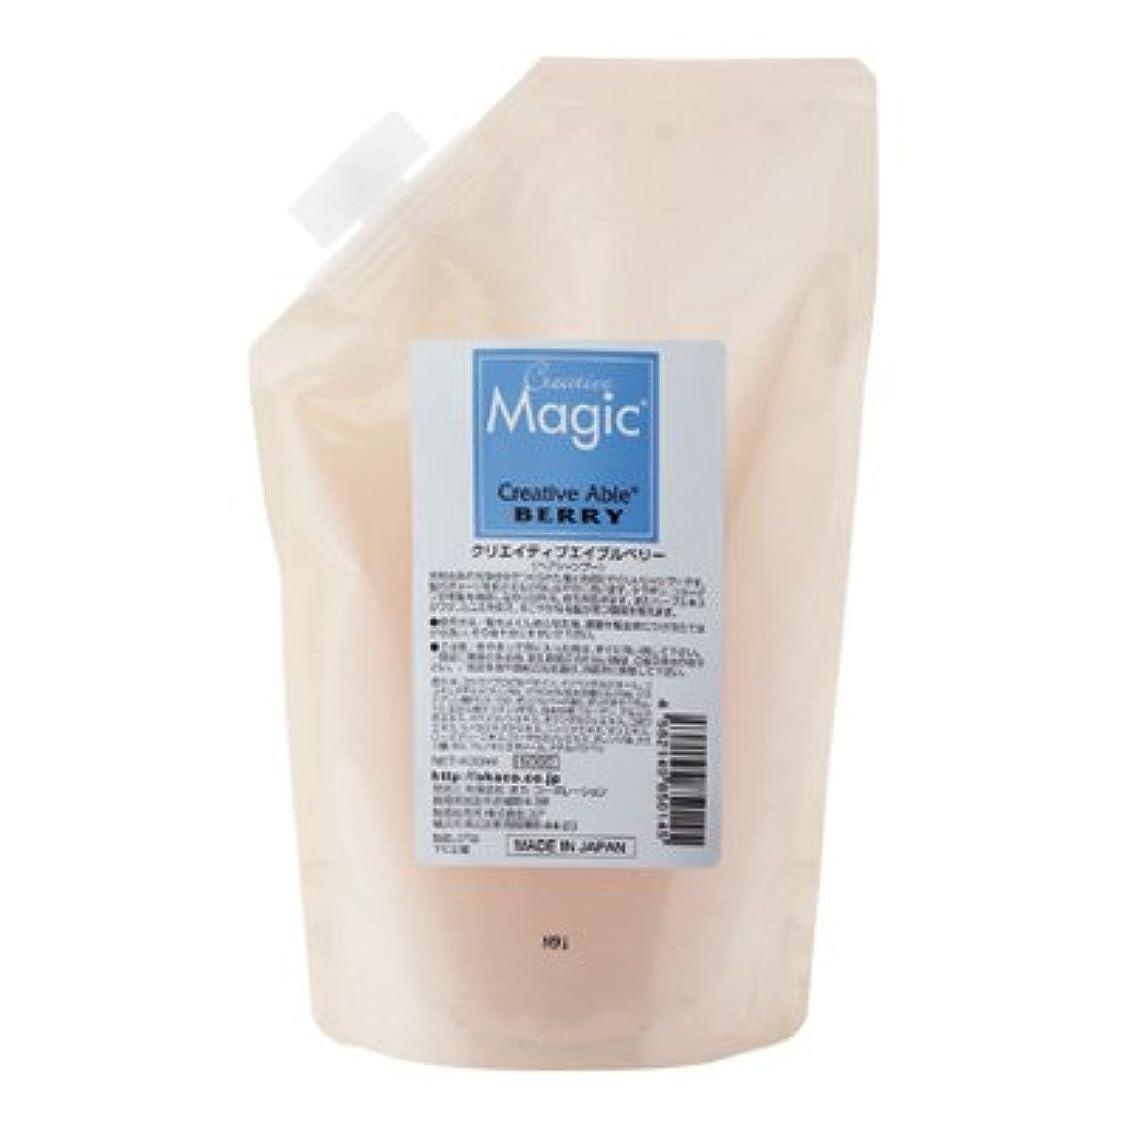 属する味わう属するクリエイティブ エイブル ベリー(ヘアシャンプー) 詰め替え用 400ml